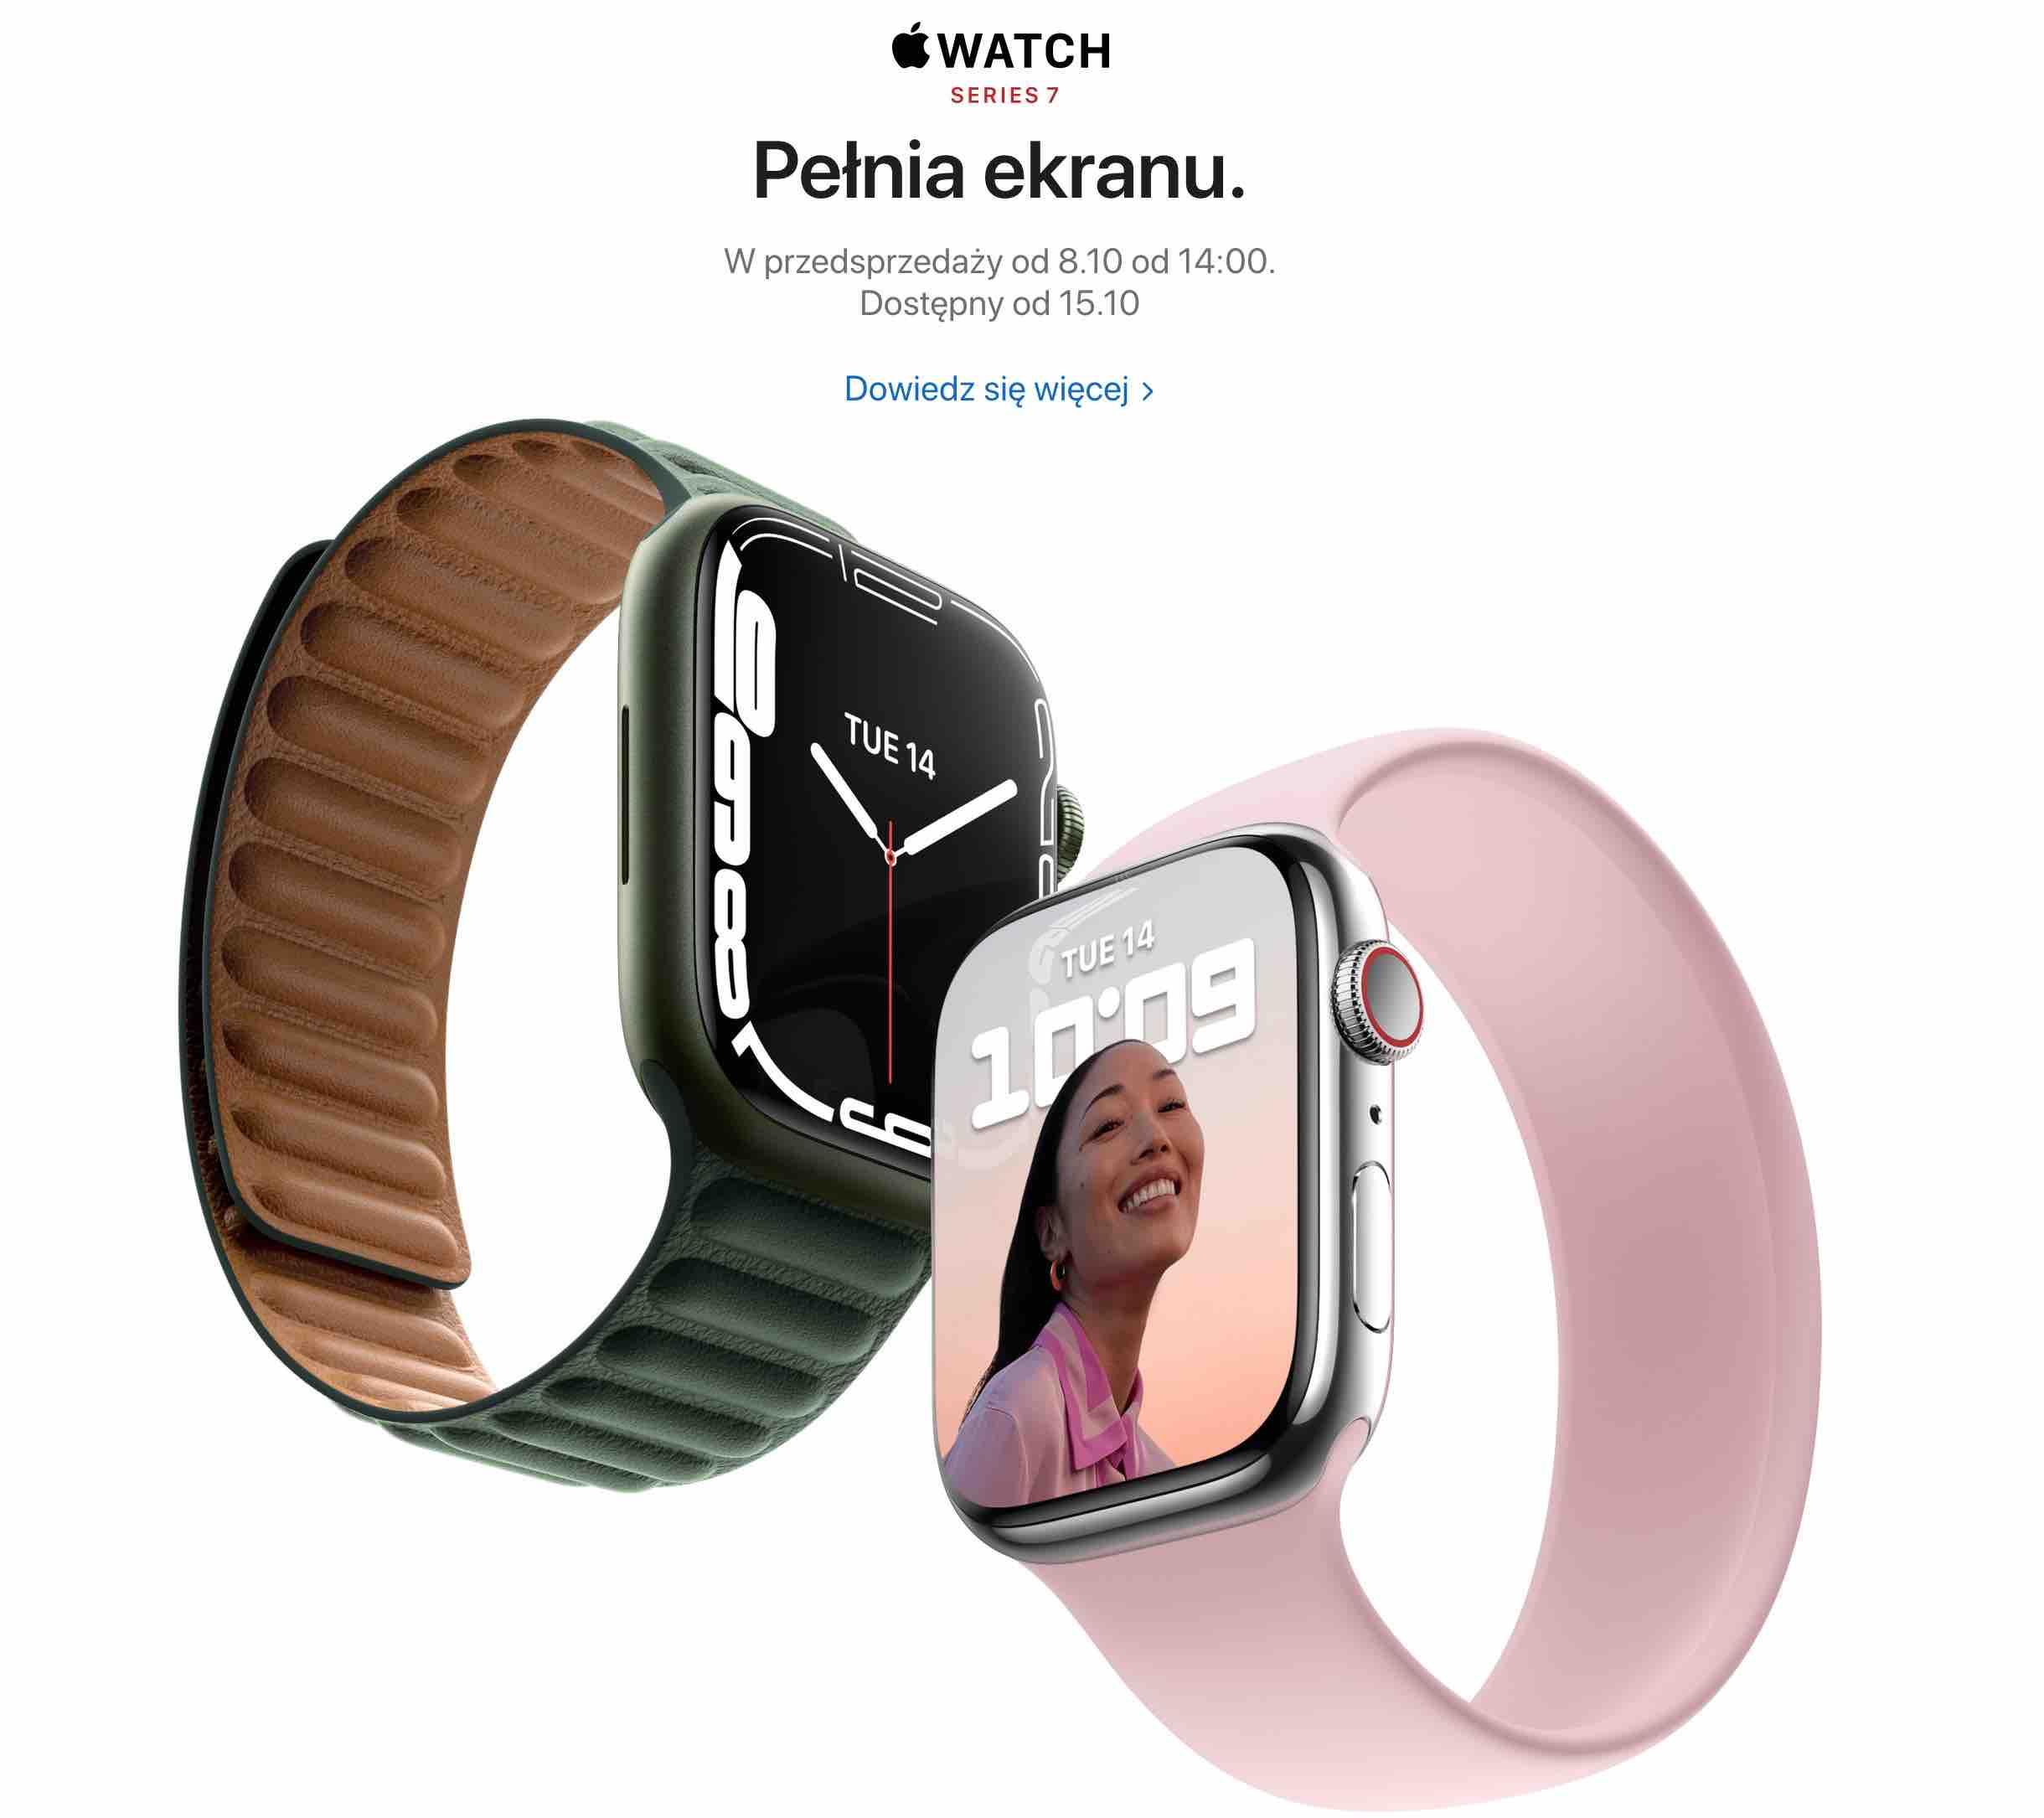 Apple ujawnia datę sprzedaży i przedsprzedaży Apple Watch Series 7 ciekawostki sprzedaz Apple Watch Series 7, przedsprzedaz Apple Watch Series 7, kiedy premiera Apple Watch Series 7  Jeśli czekasz na nowego Apple Watch Series 7, to mamy dobre wiadomości. Apple oficjalnie zdradziło datę rozpoczęcia sprzedaży i przedsprzedaży najnowszych smartzegarków. przesprzedaz AppleWartch